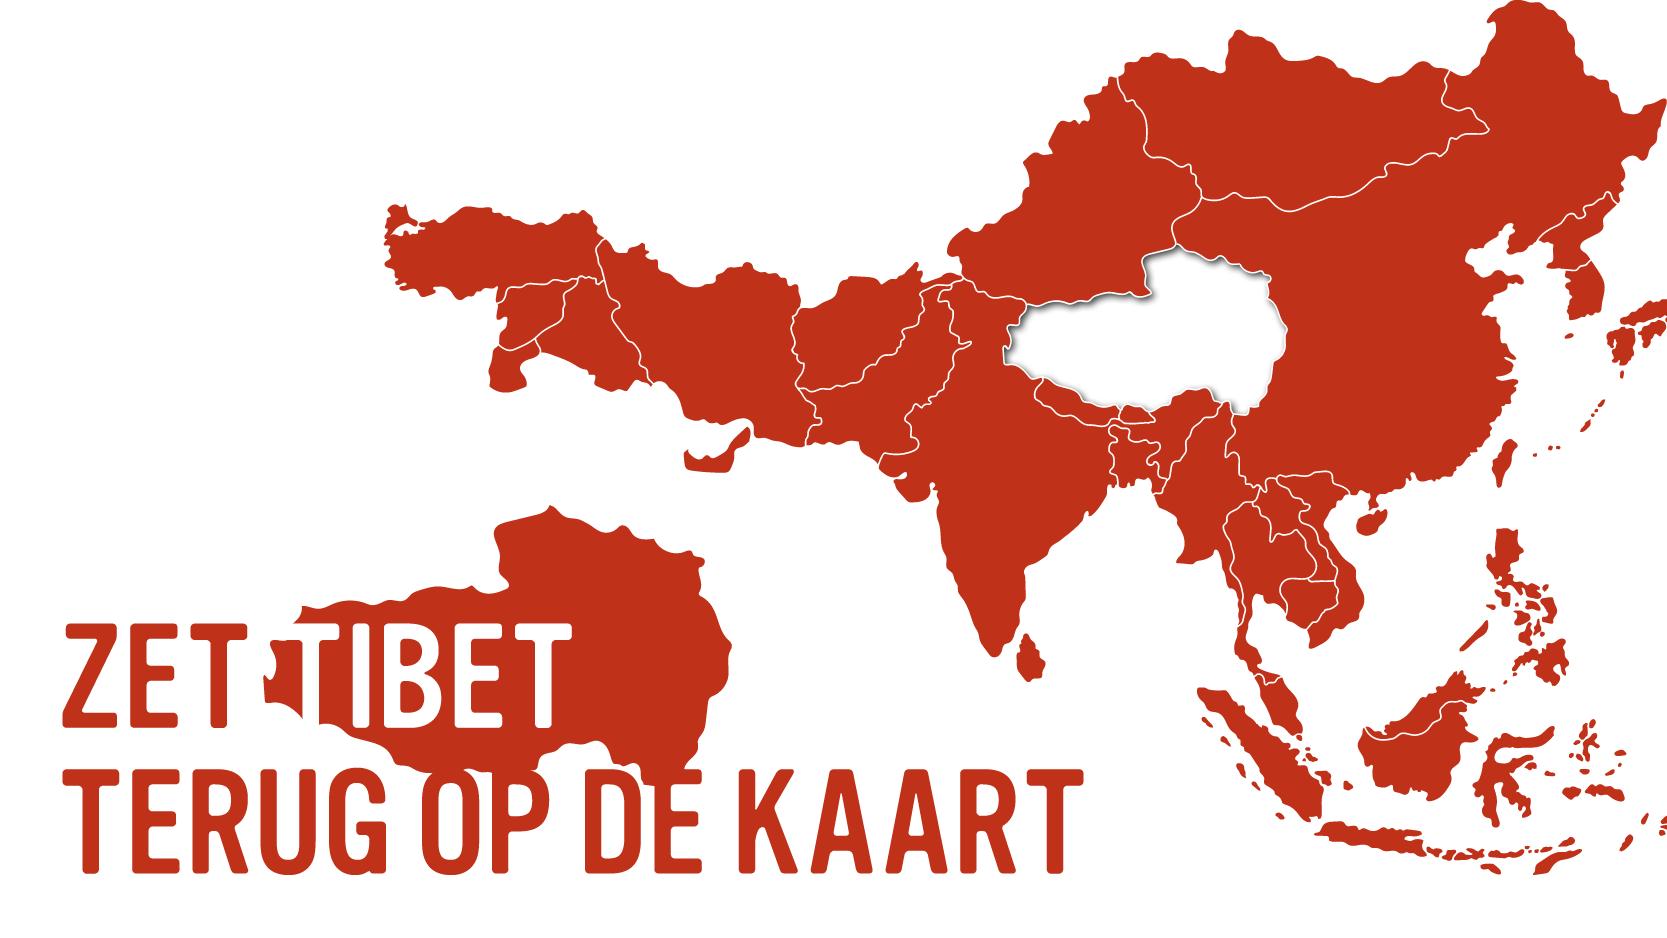 Afbeelding 'Zet Tibet terug op de kaart' - Linkt naar webpagina